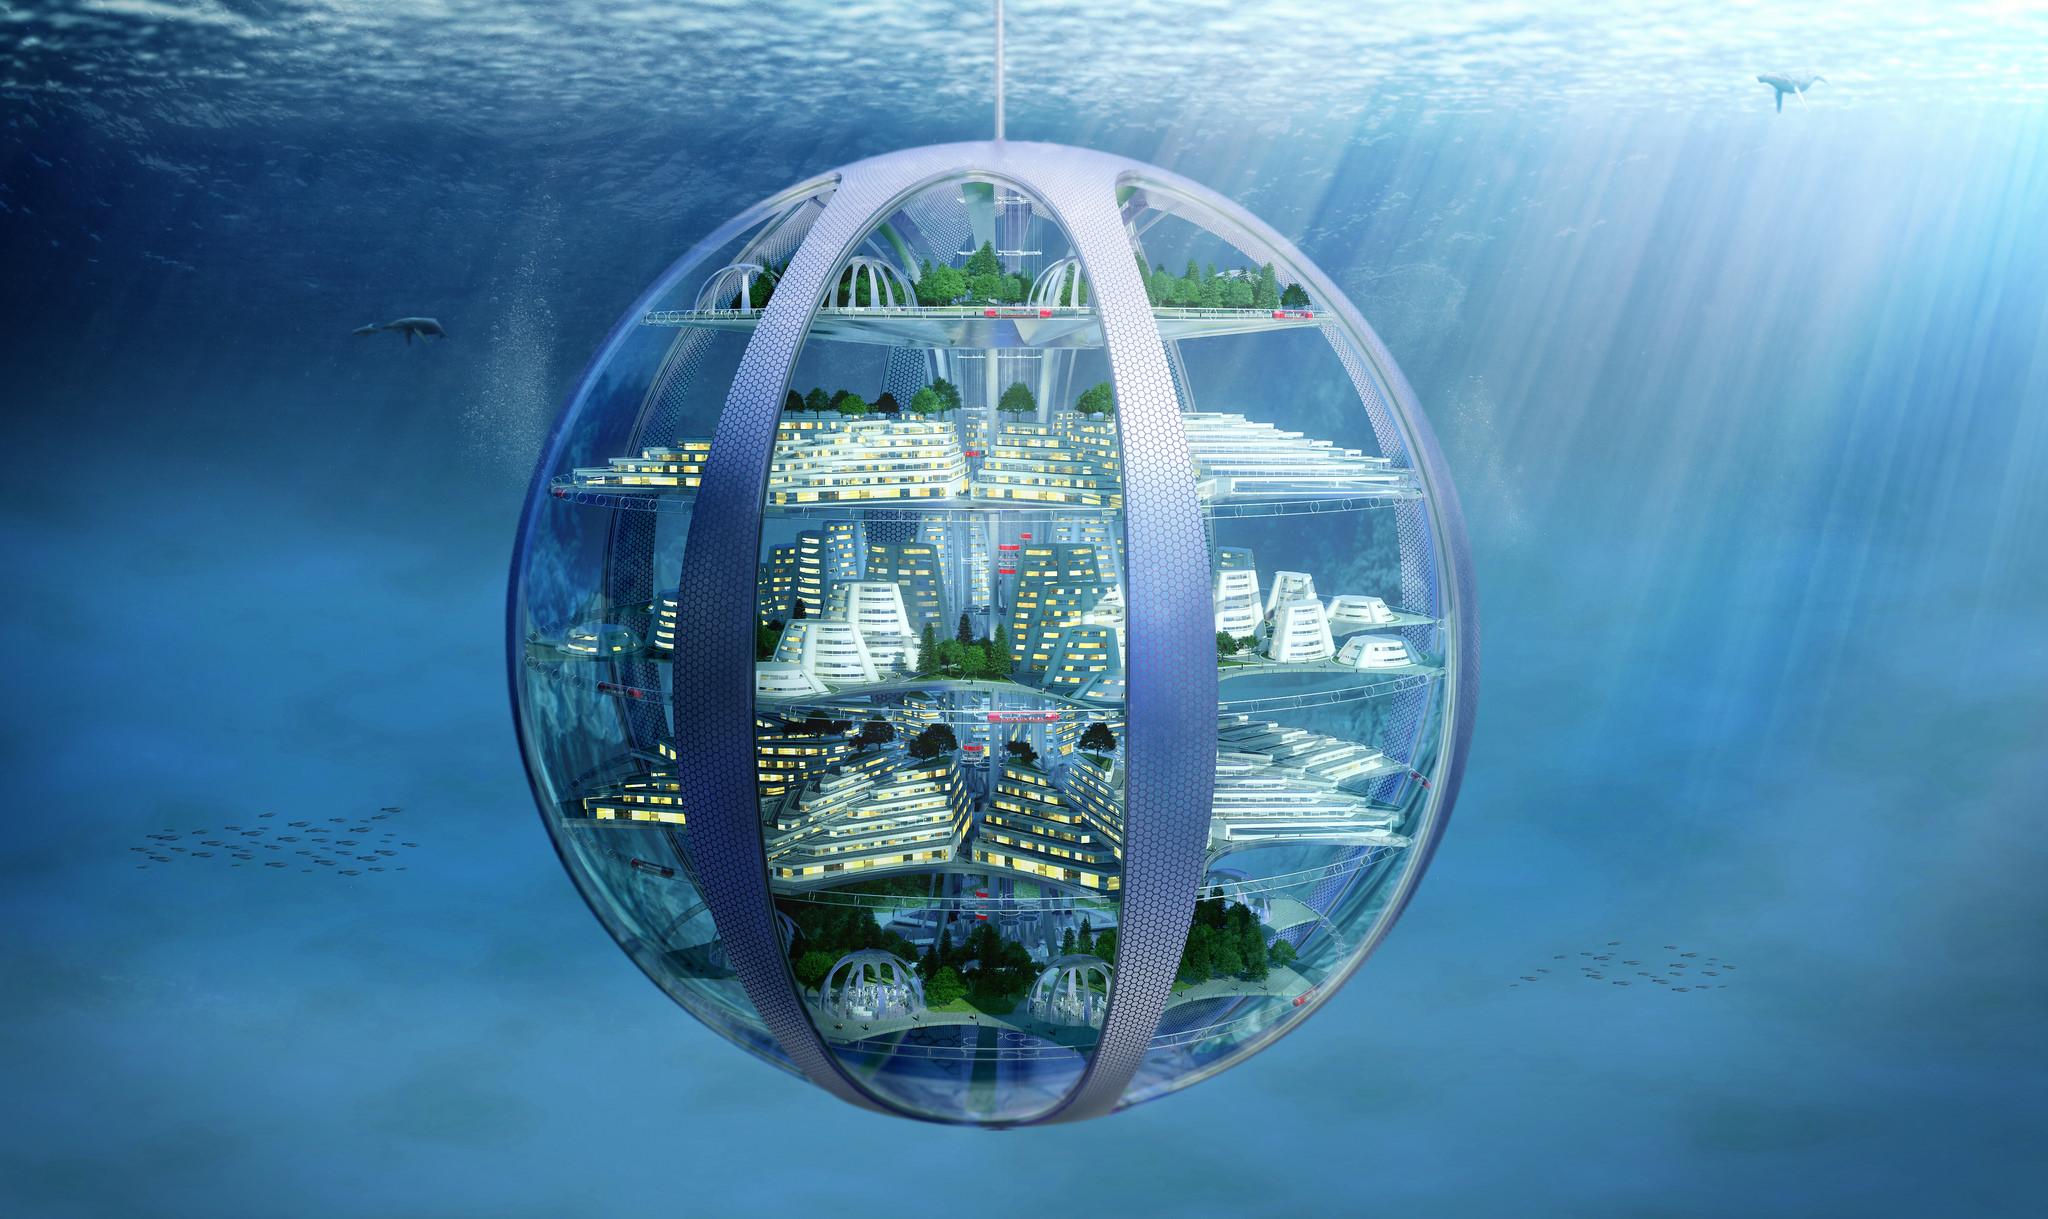 Samsung предрекает жизнь в напечатанных на 3D-принтерах подводных домах